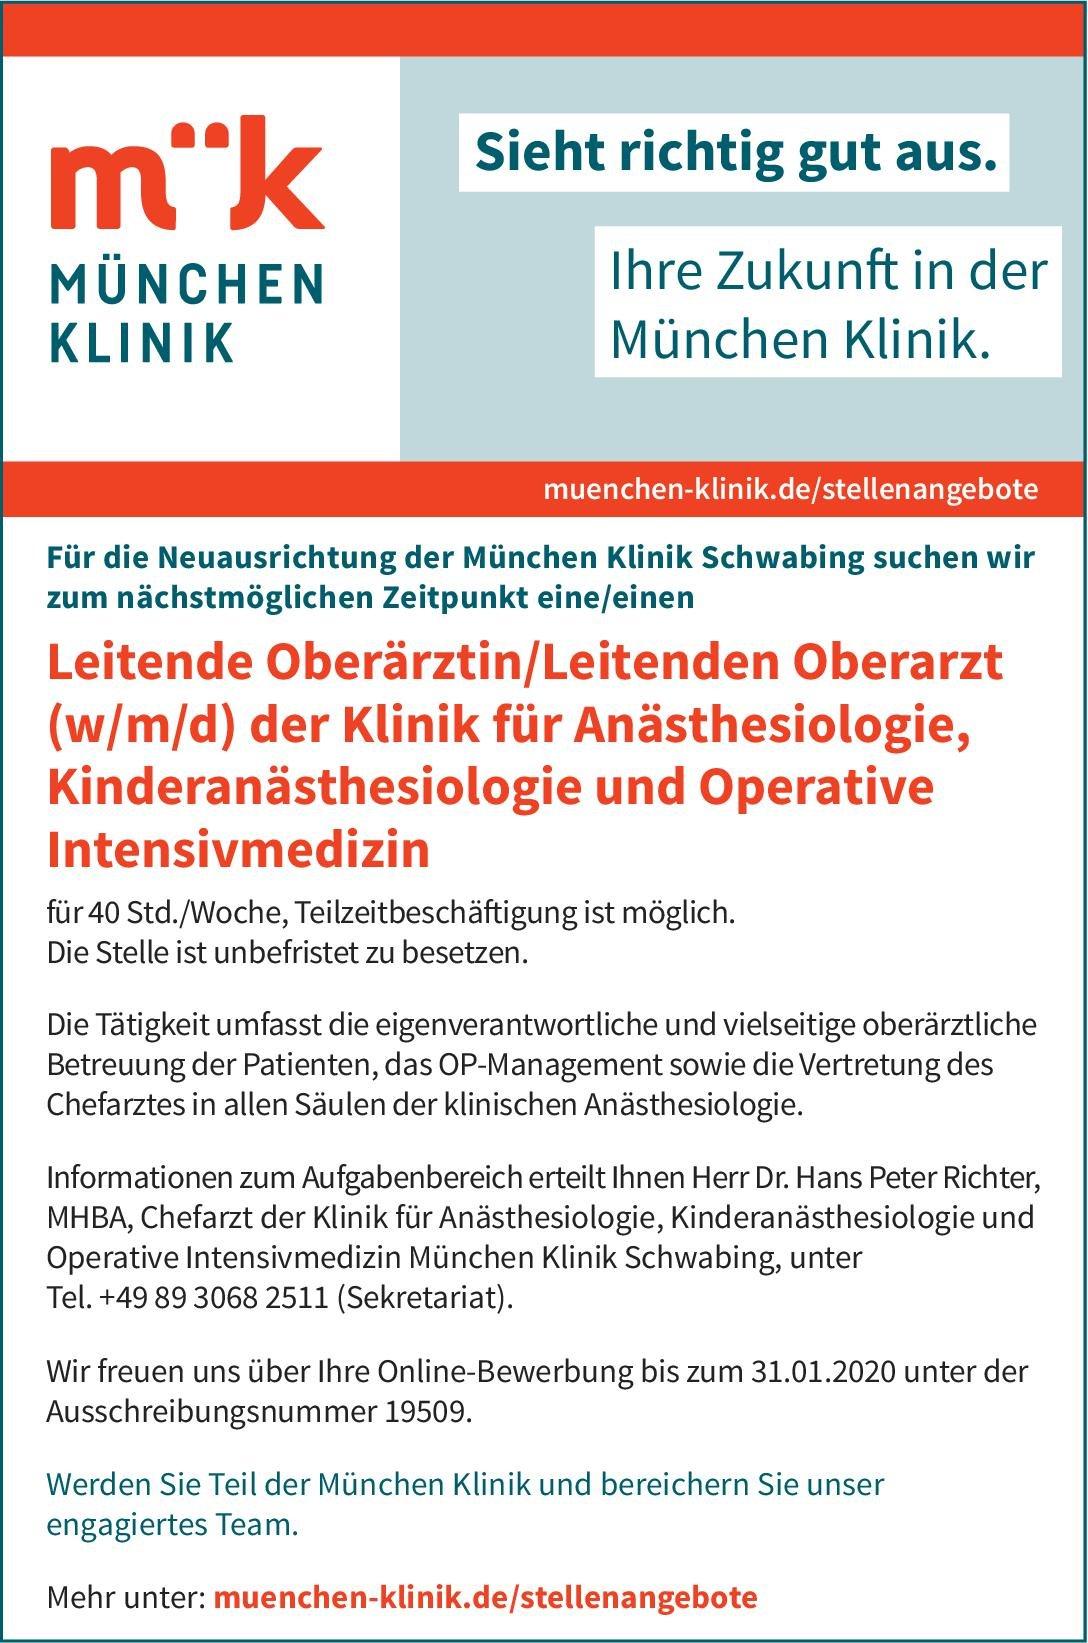 München Klinik Leitender Oberärztin/Leitende Oberarzt (w/m/d) der Klinik für Anästhesiologie, Kinderanästhesiologie und Operative Intensivmedizin Anästhesiologie / Intensivmedizin Oberarzt